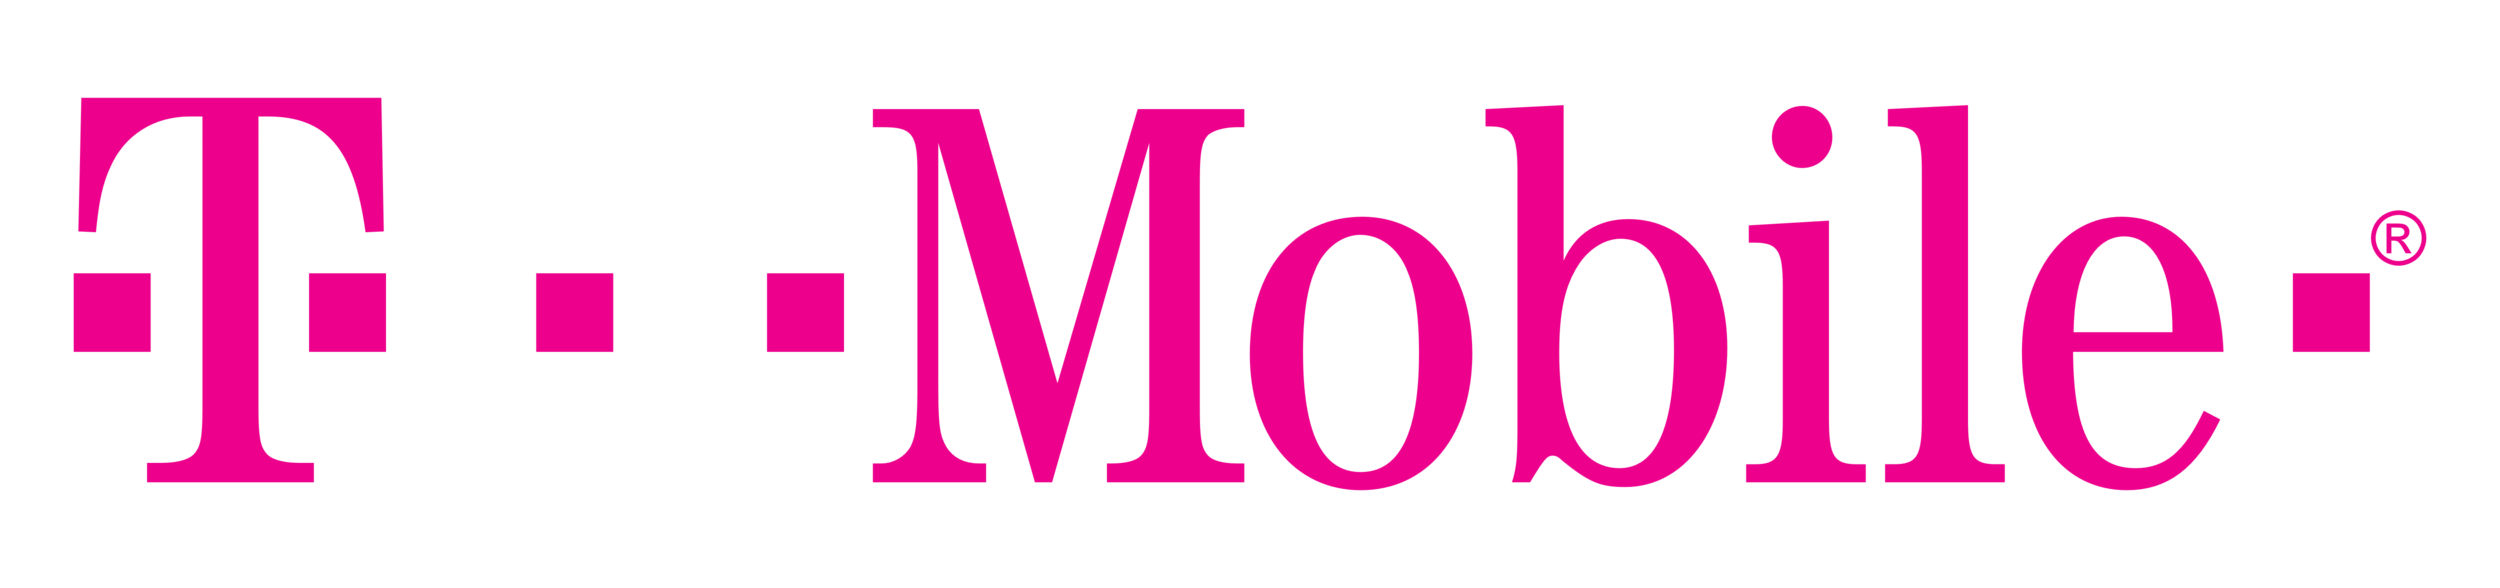 T-Mobile_logo_logotype_pink.png